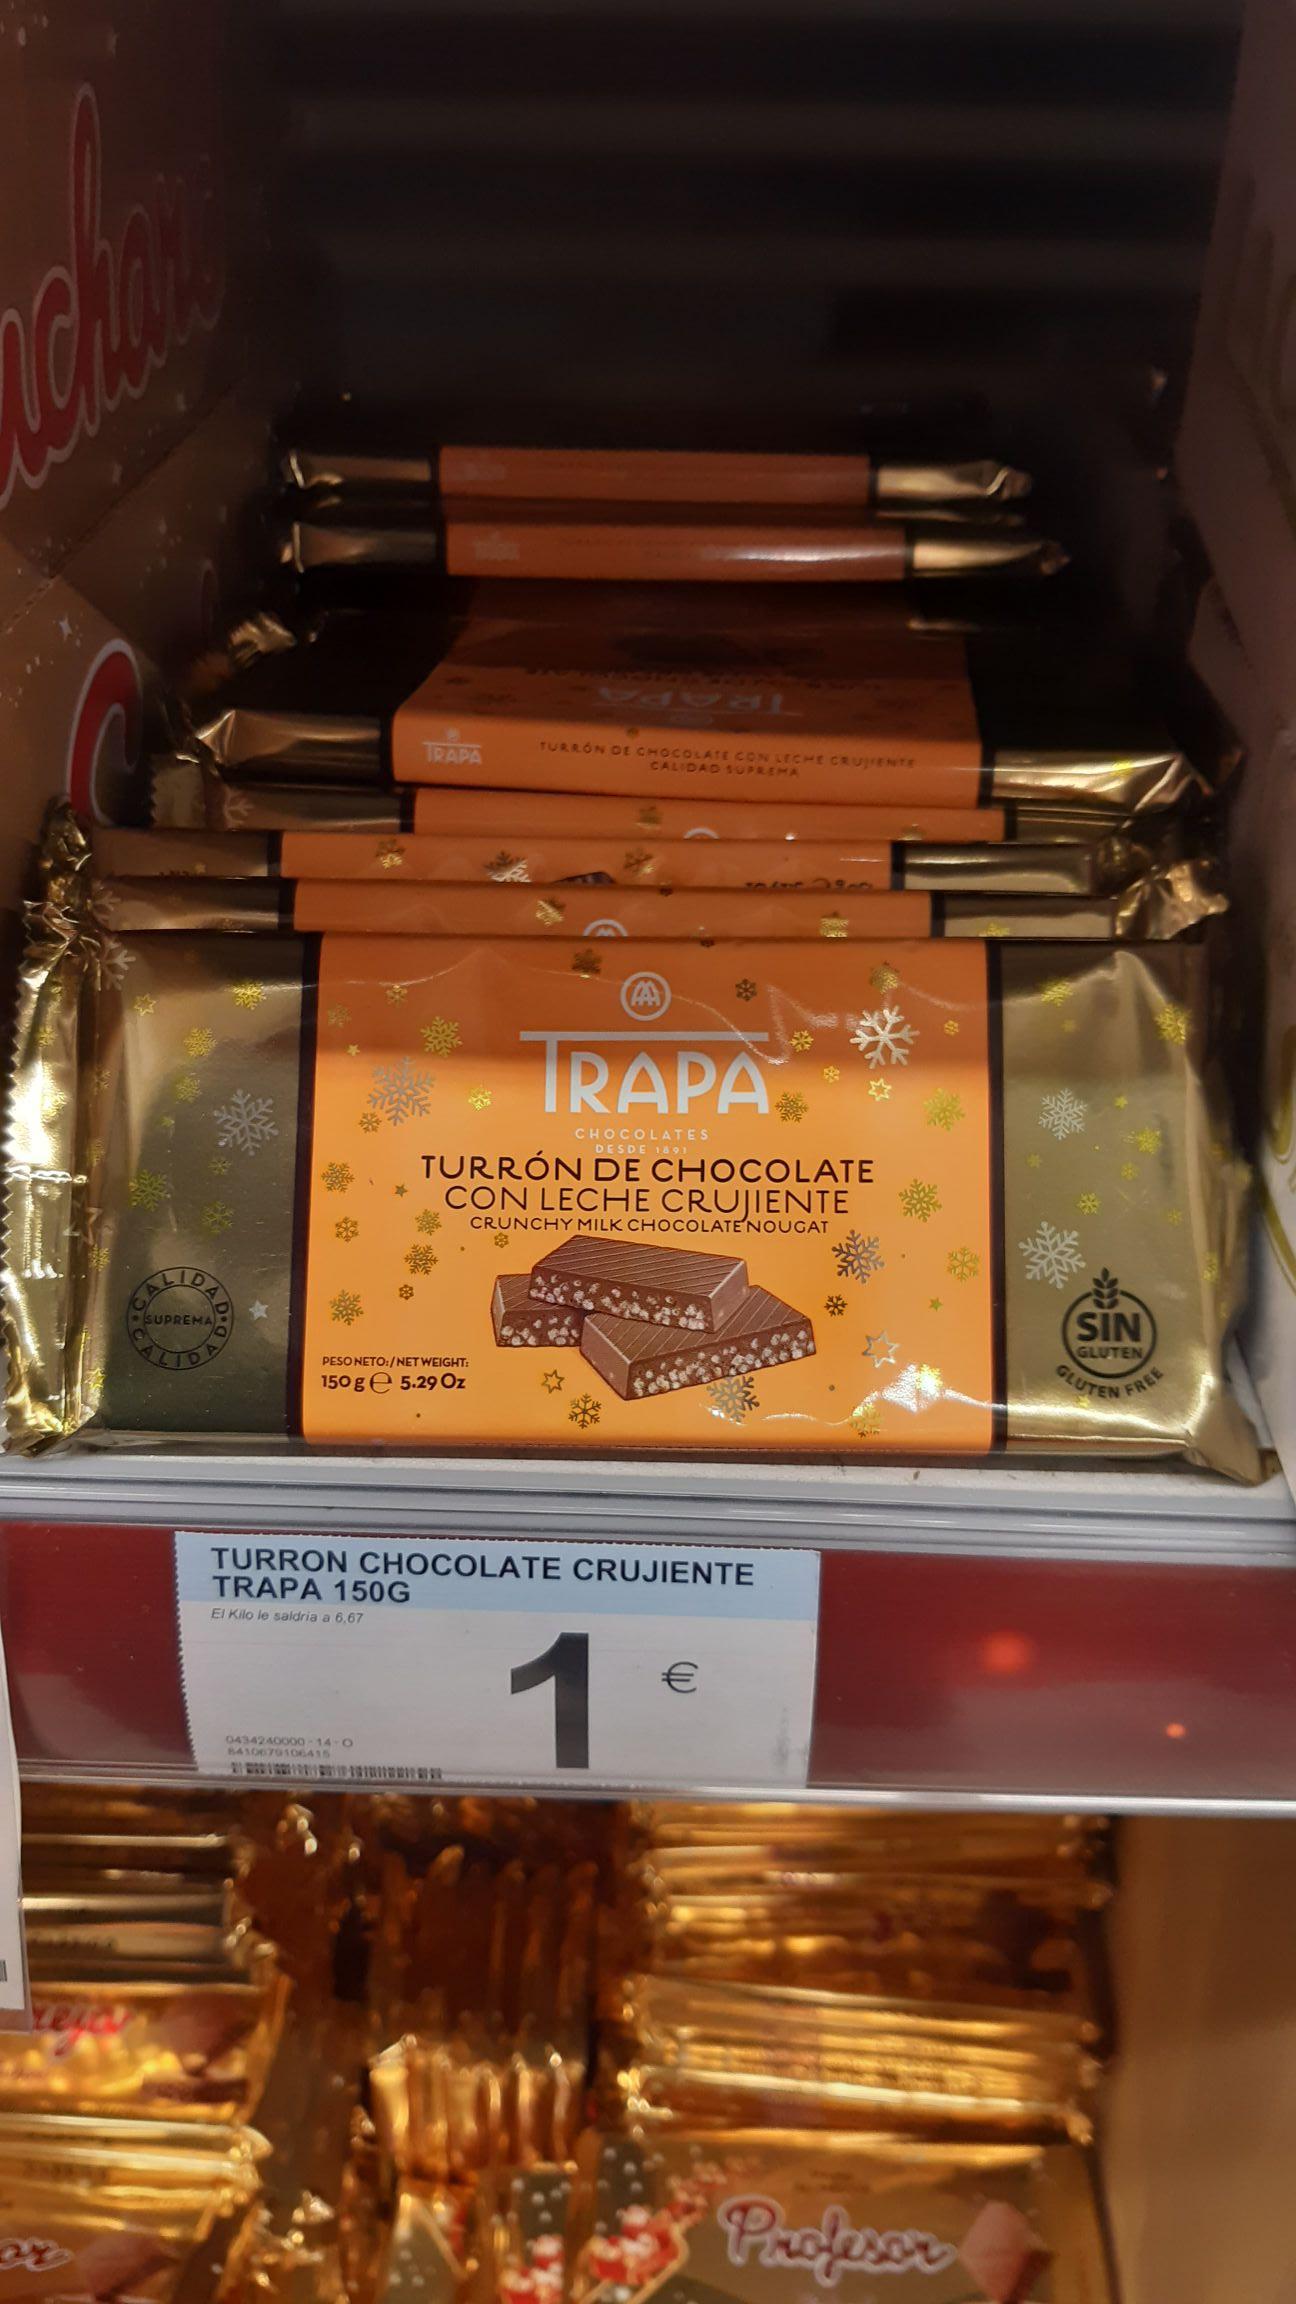 Turron Chocolate Trapa en Carrefour de Alcobendas